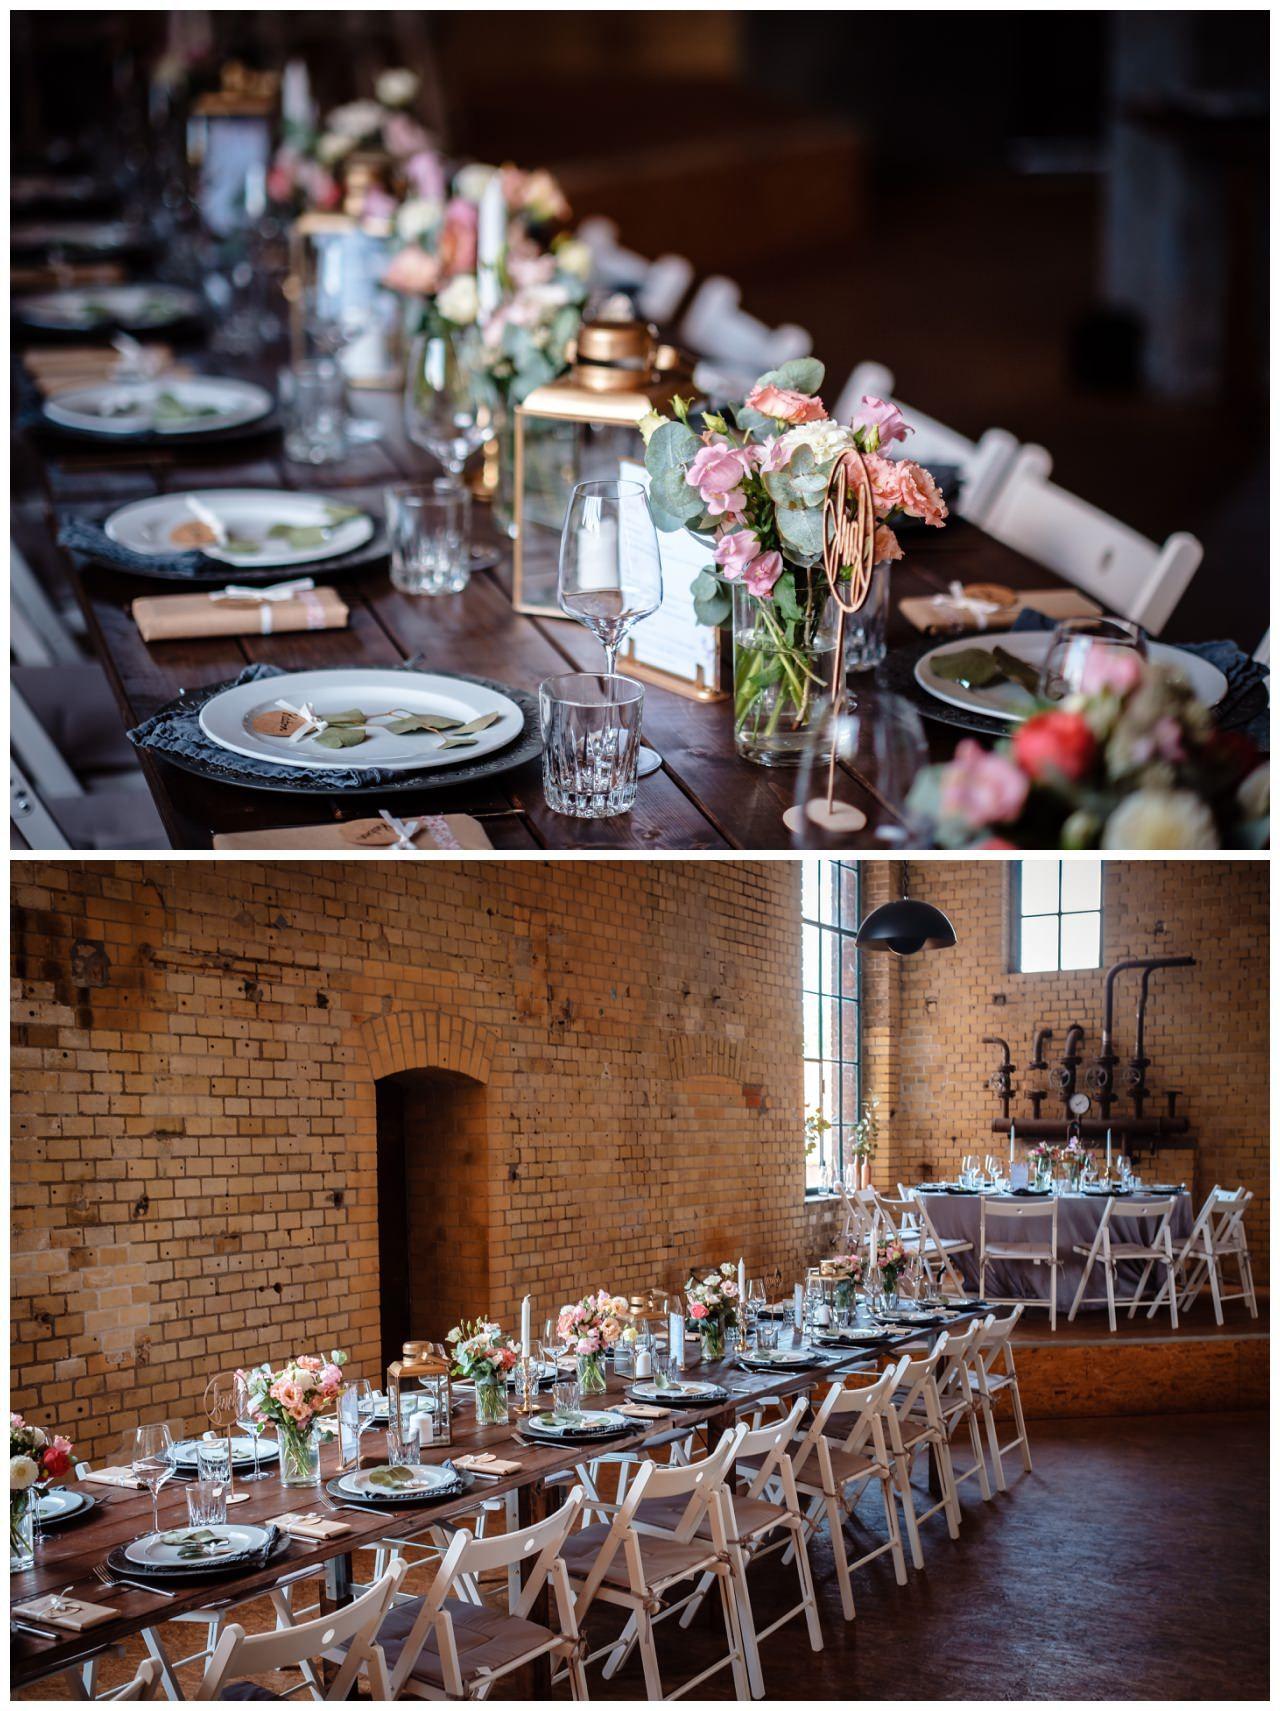 Auf Unserem Blog Zeigen Wir Euch Diese Echte Hochzeit Fabian Und Theresa Heirateten Im Industrial Vintage Stil In D In 2020 Hochzeitsdekoration Hochzeit Hochzeitsdeko